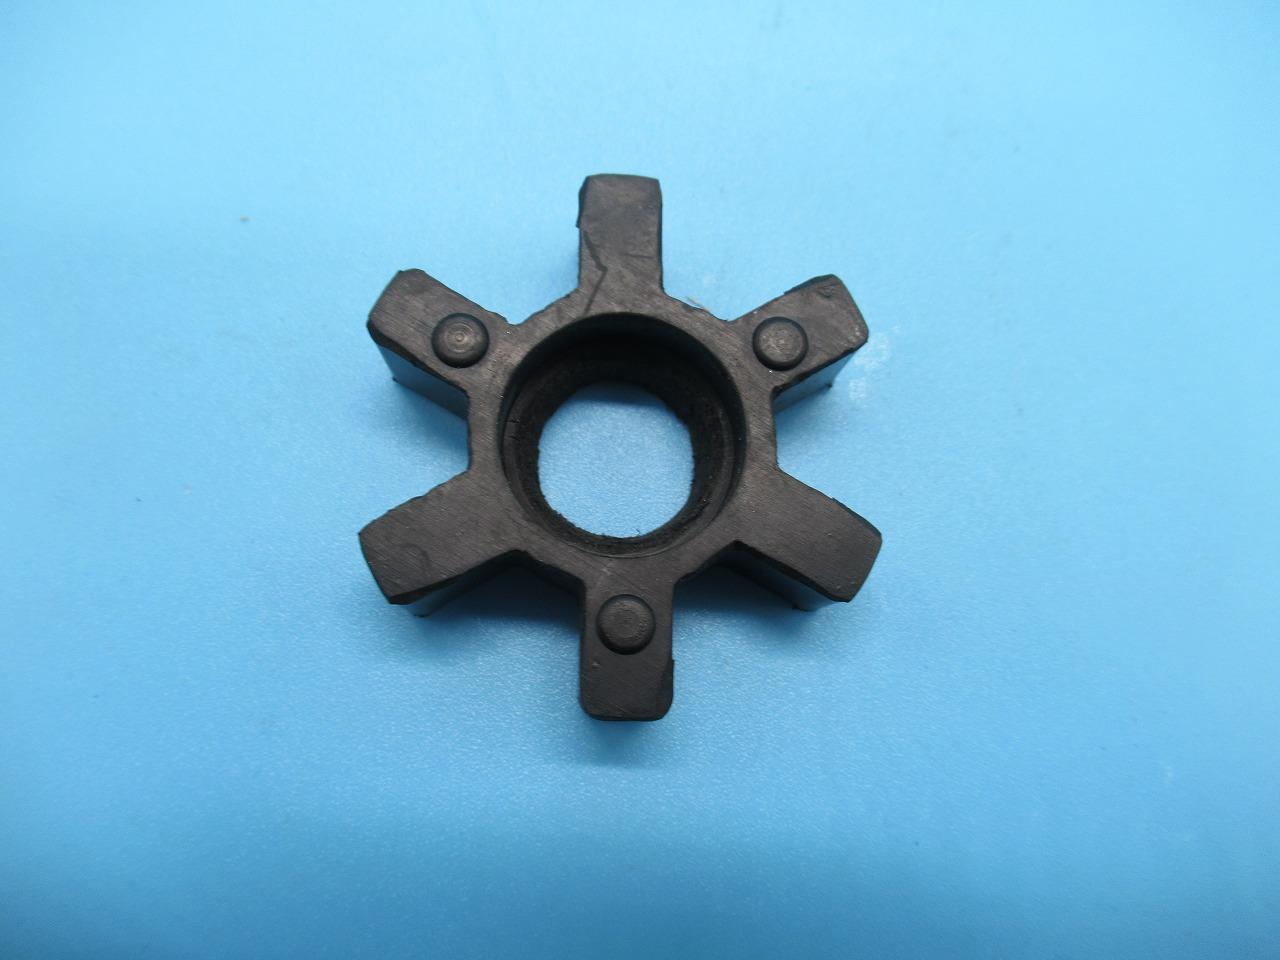 【新品】パナソニックサーボモーターカップリングのブラケット パーツNO-B1231-210-001 「記写真の黒い色の部品です。」